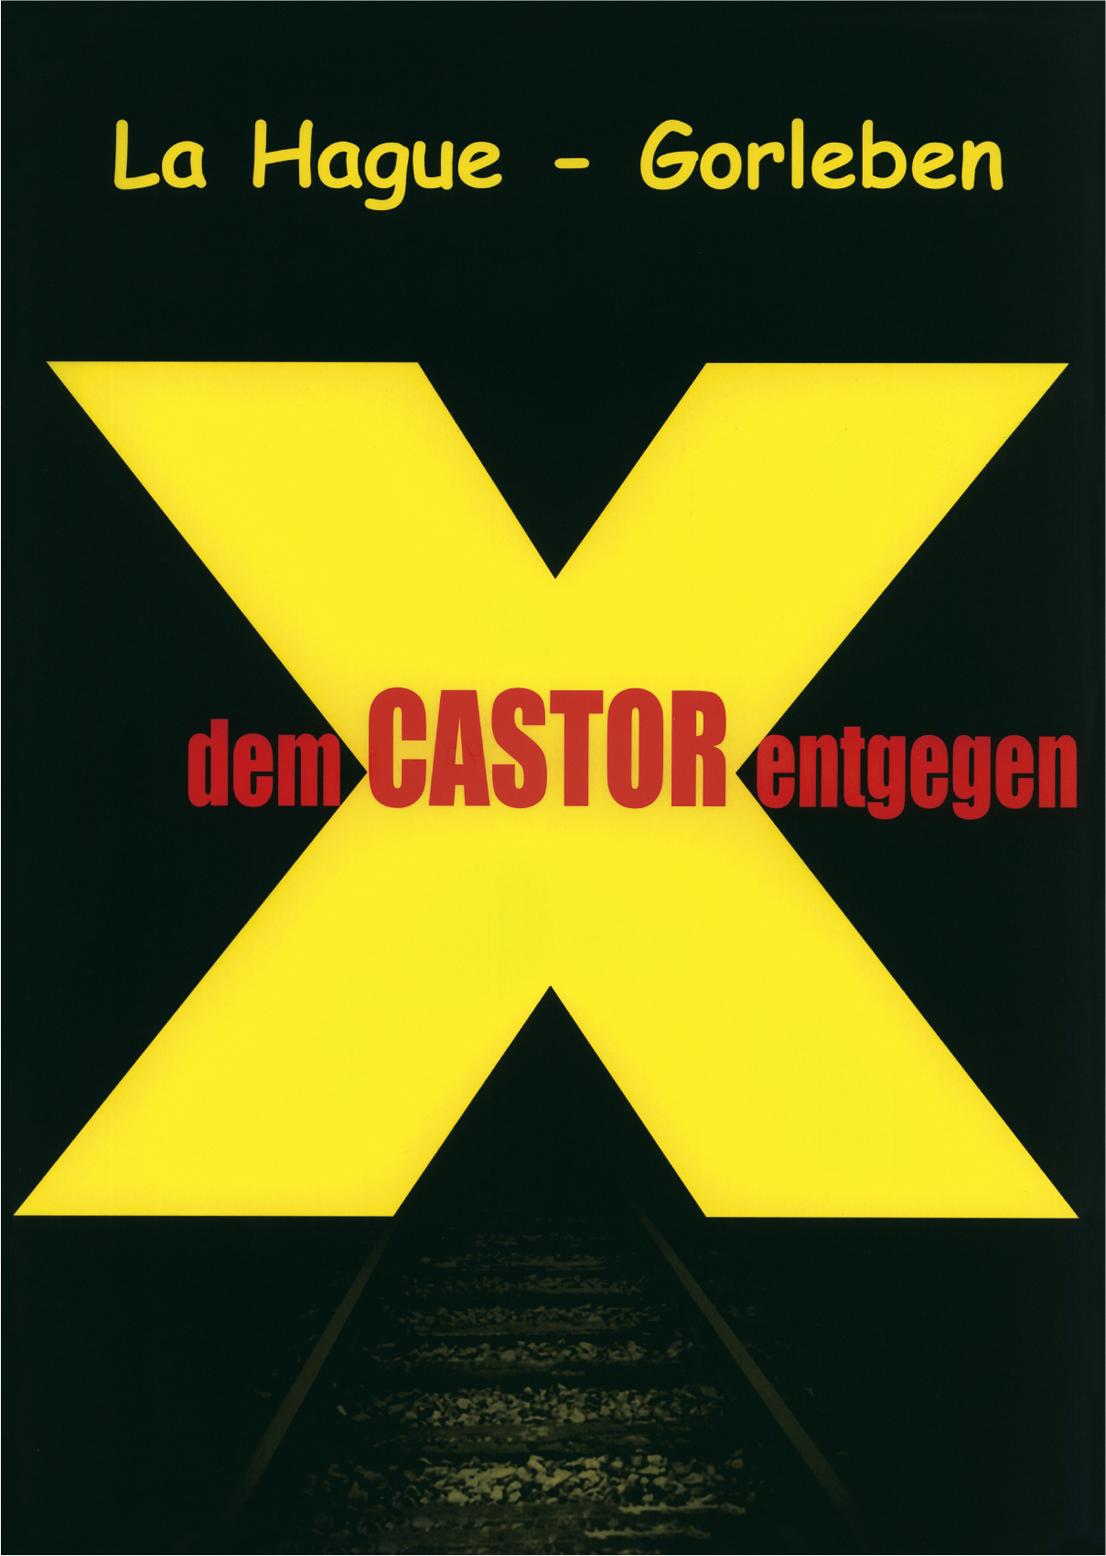 ラ・アーグ - ゴアレーベン Xエックス 放射性物質容器カストーアに反対